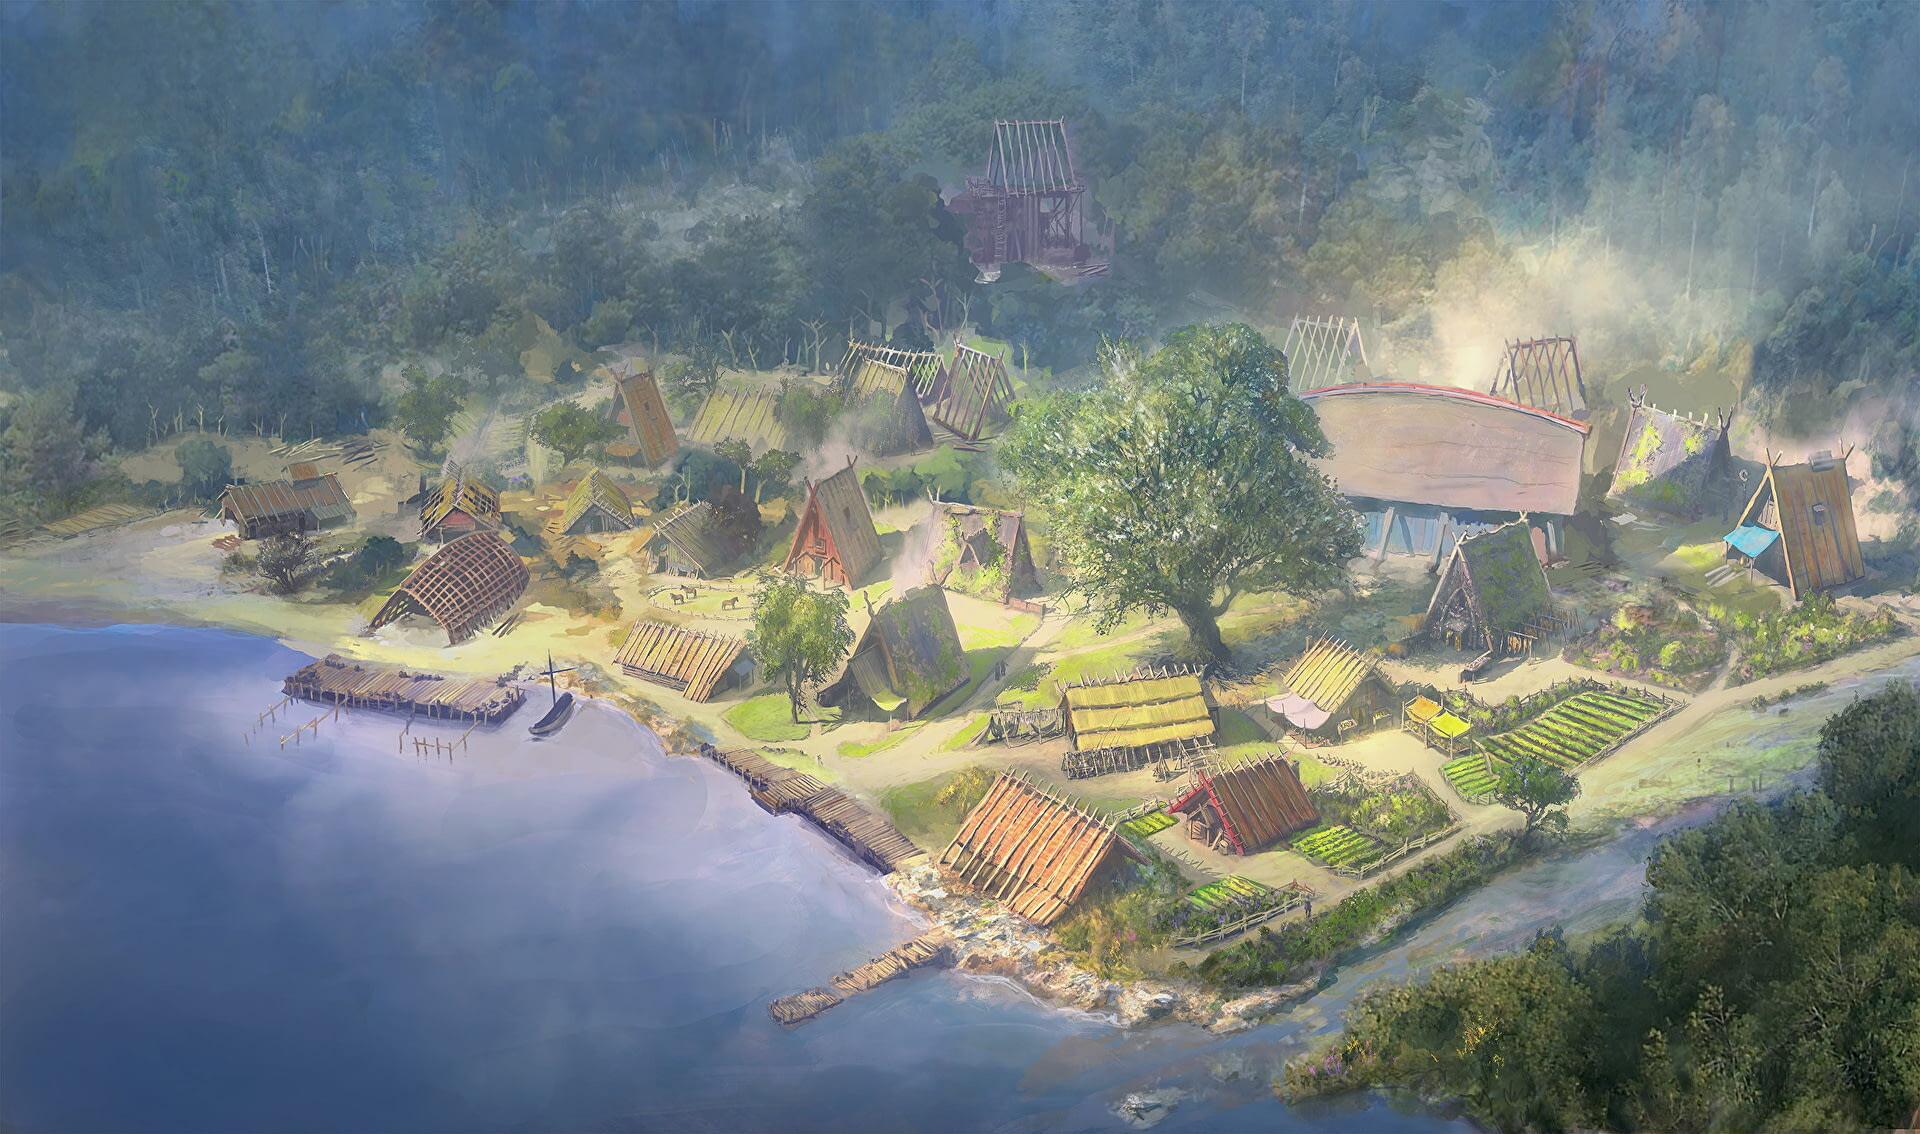 Поселение викингов в Assassin's Creed Valhalla станет центром игры